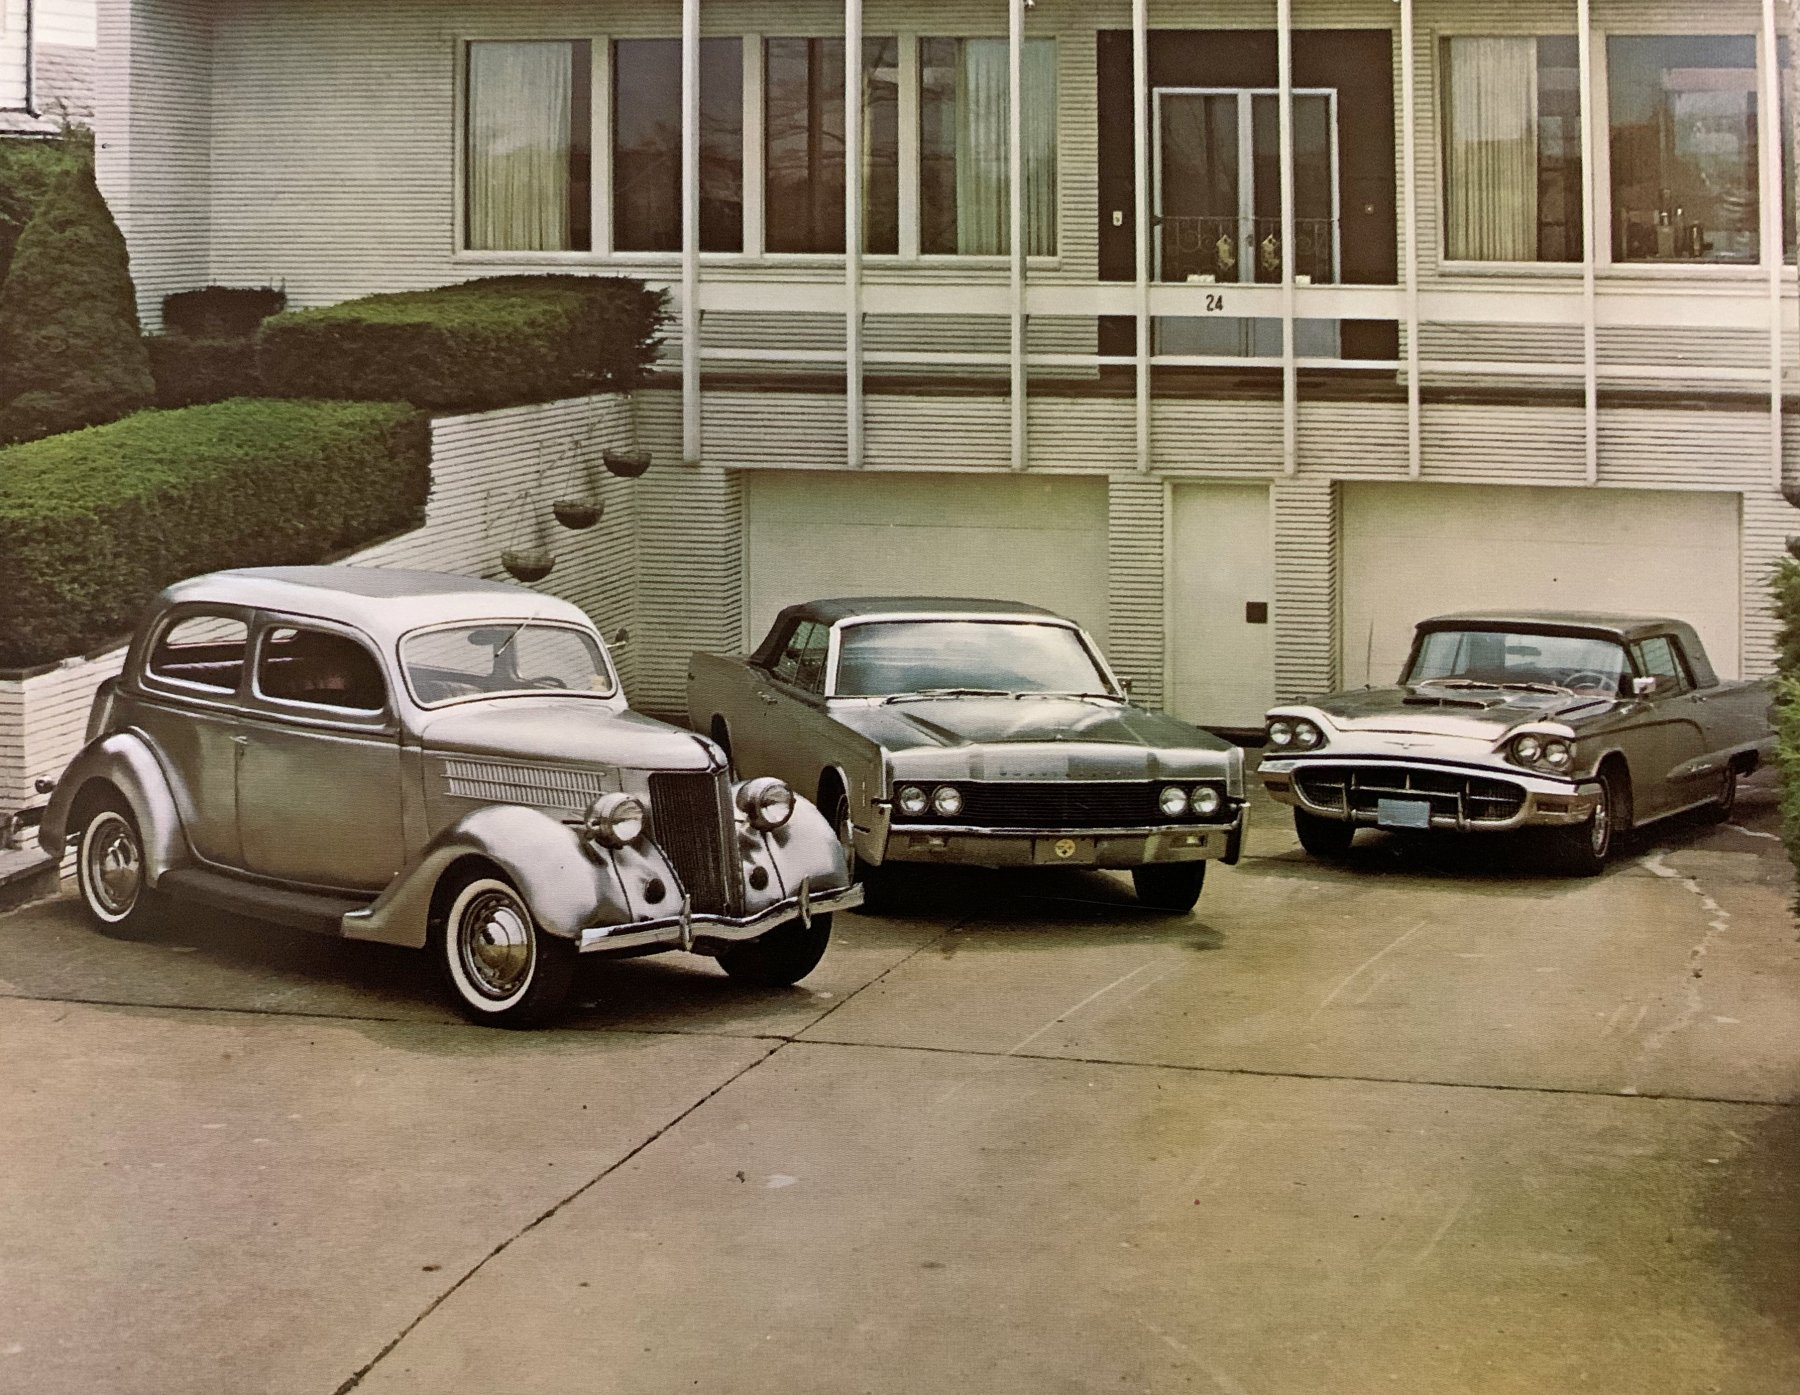 Modelos Ford em aço inoxidável